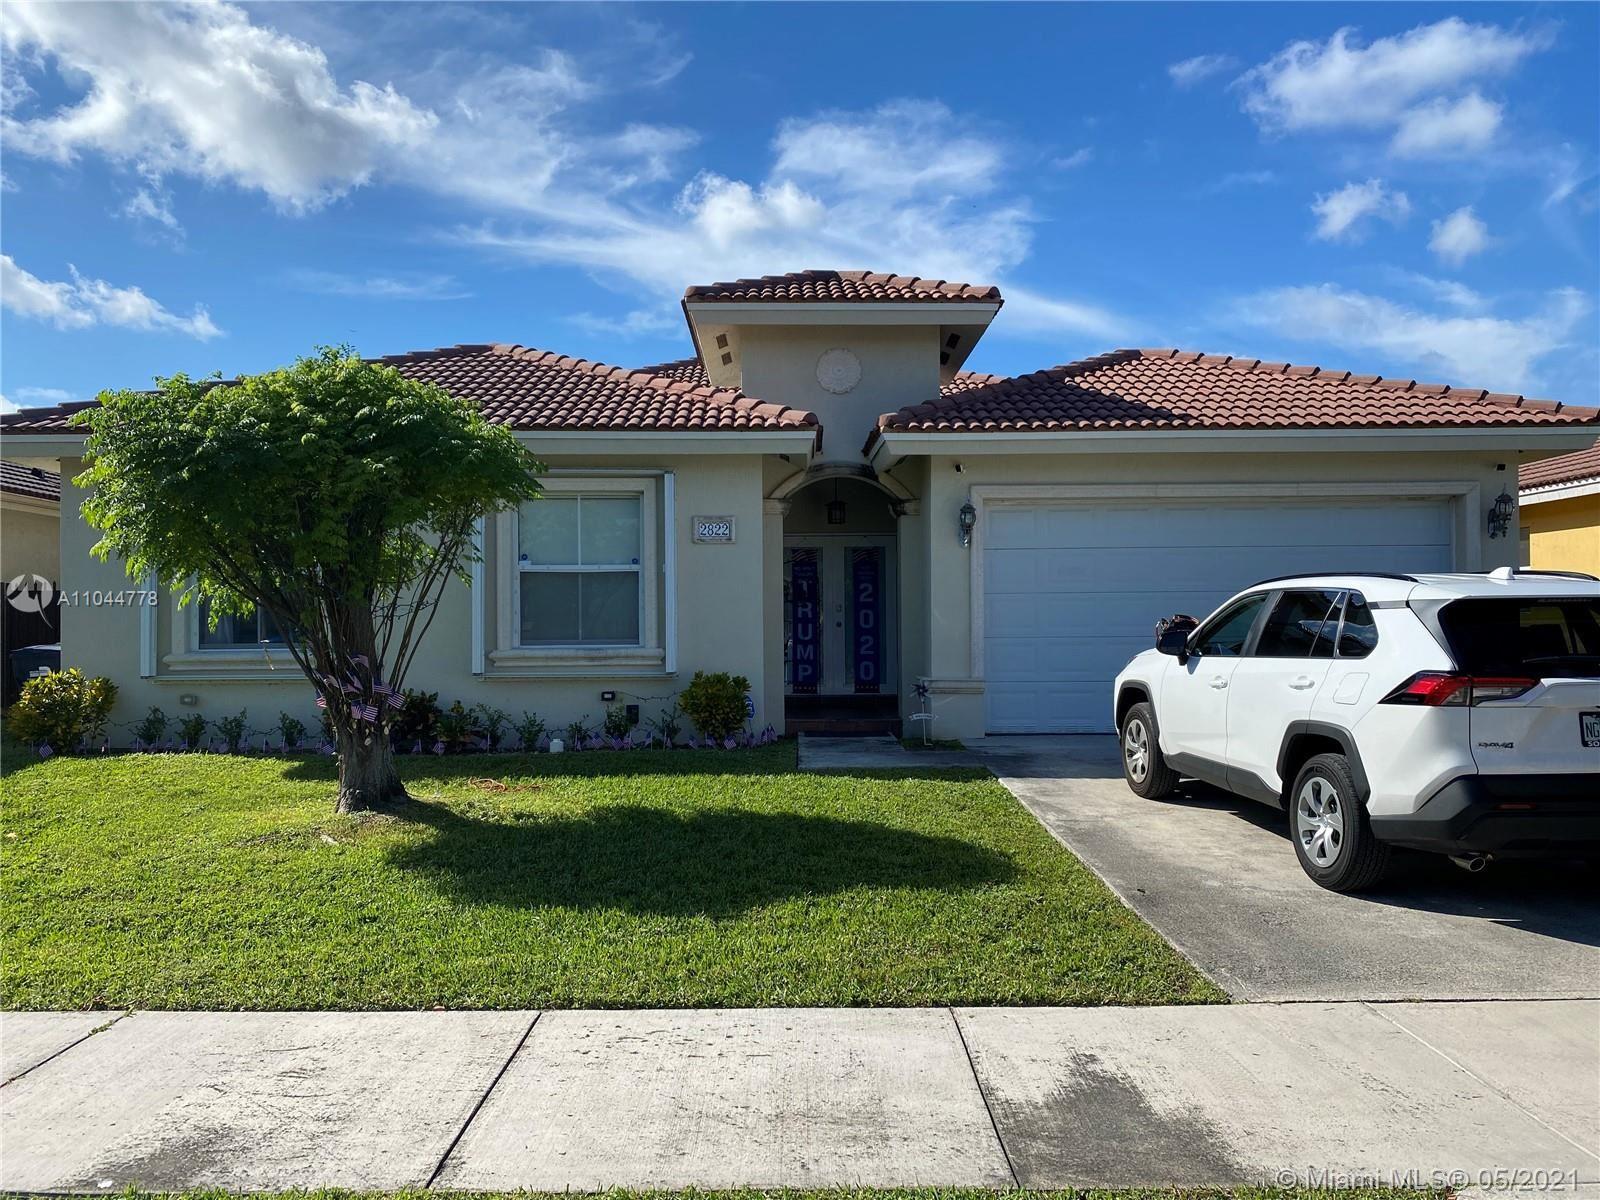 2822 SW 148th Path, Miami, FL 33185 - #: A11044778